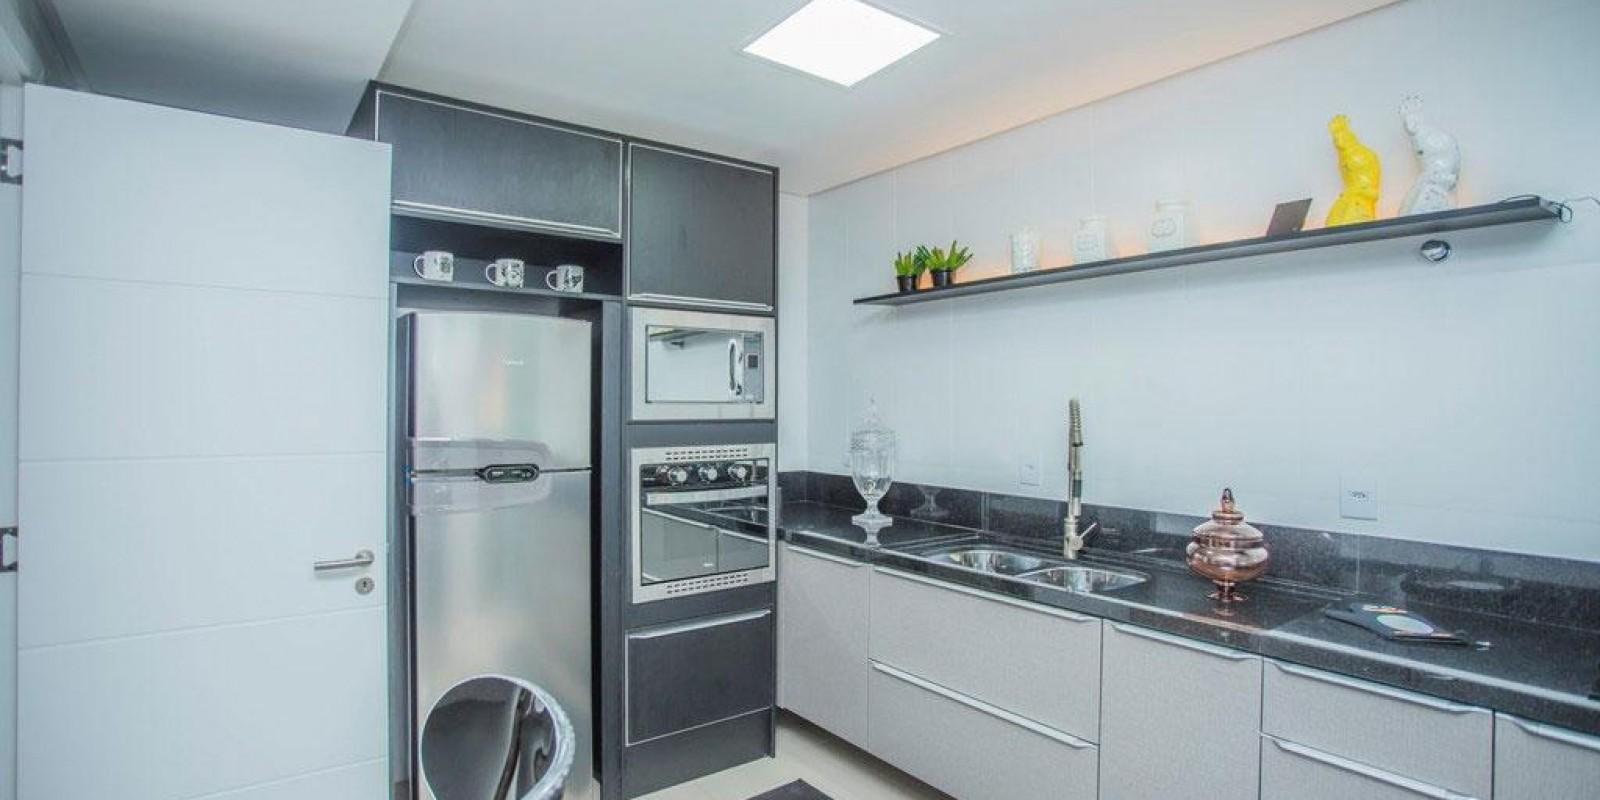 TPS Imóveis - Veja Foto 14 de 20 do Casa A Venda Condomínio Fechado Em Porto Alegre